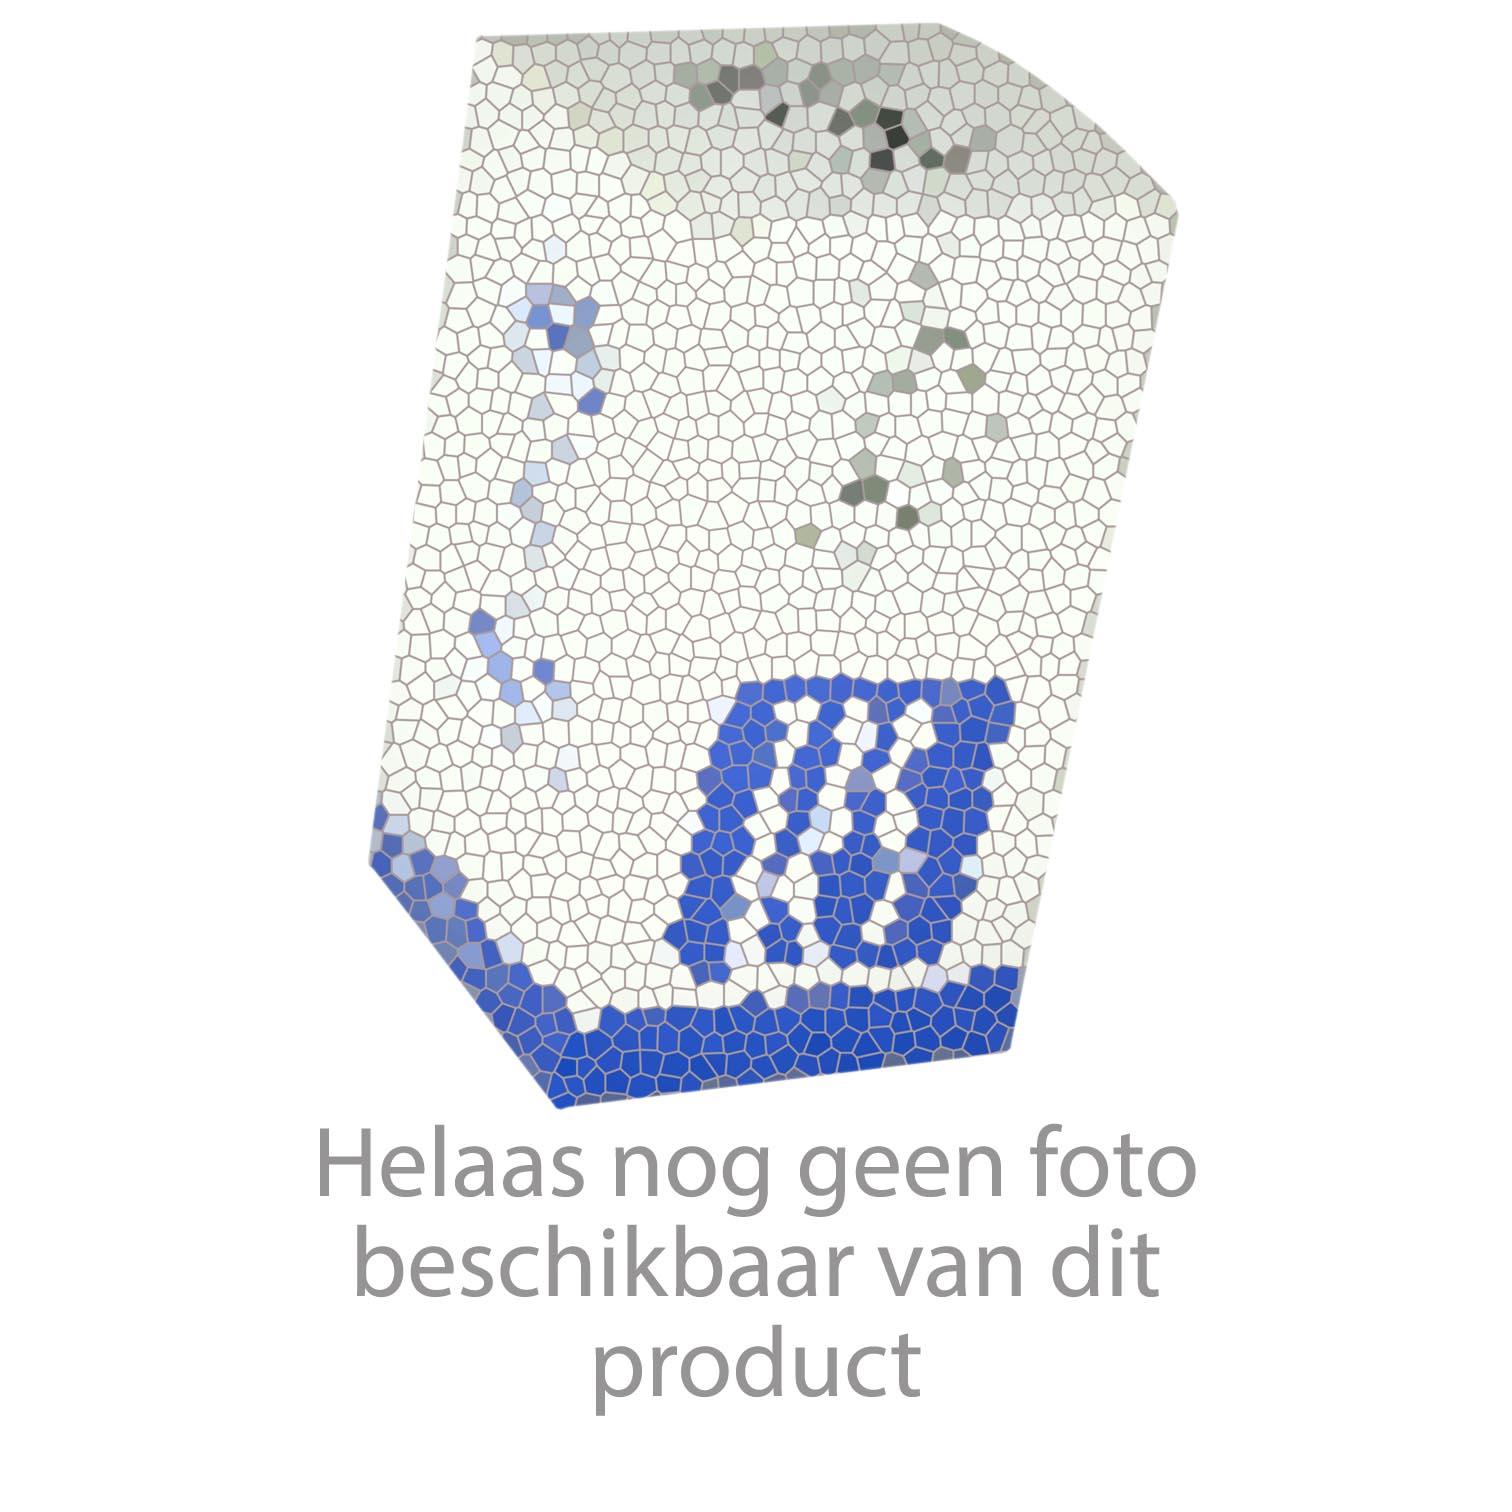 Hansa Hansajet Hansatrijet handdouche met clean chroom